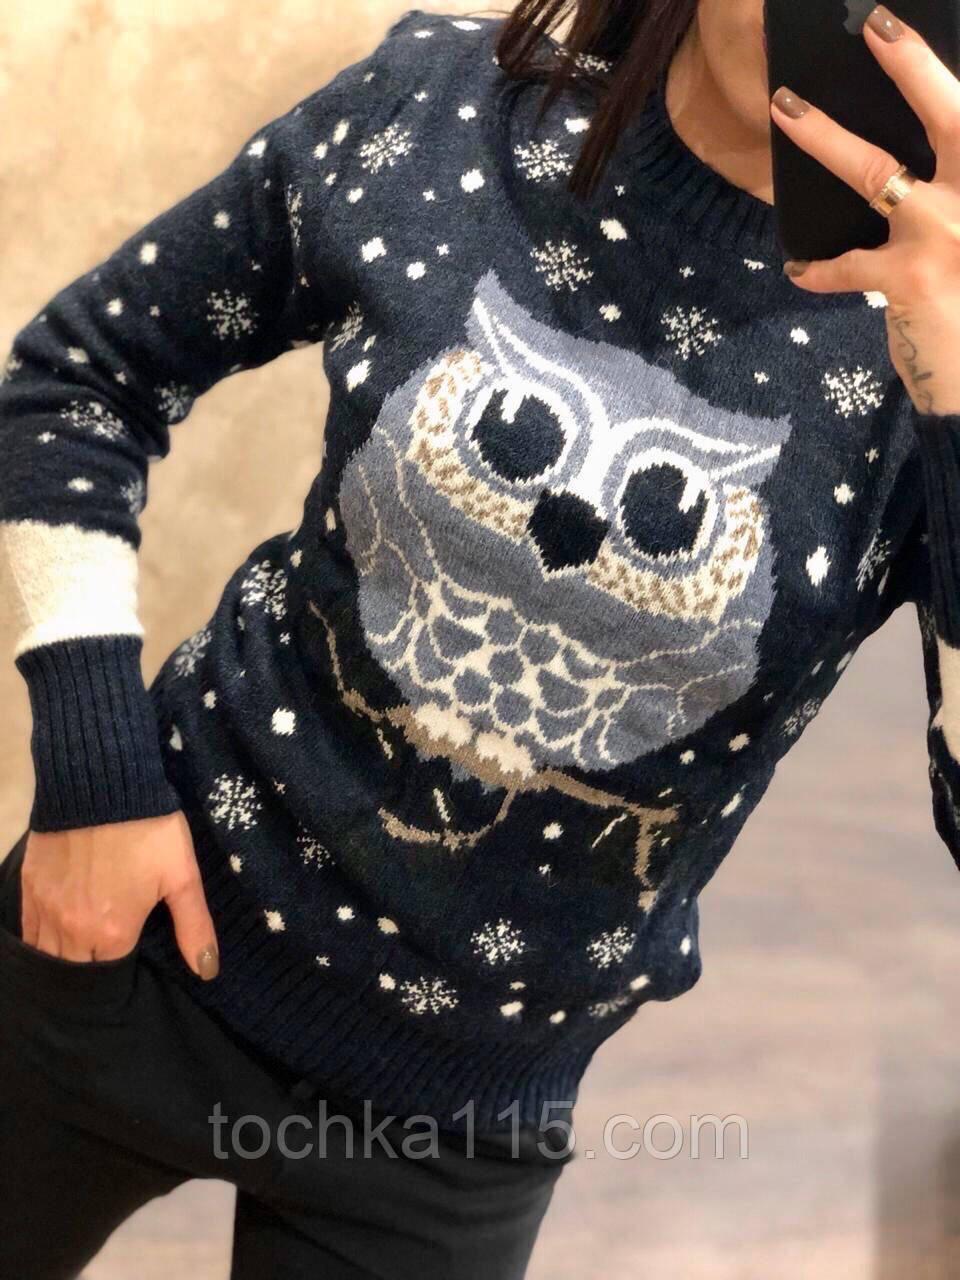 Теплый шерстяной праздничный женский свитер с совой (вязка)